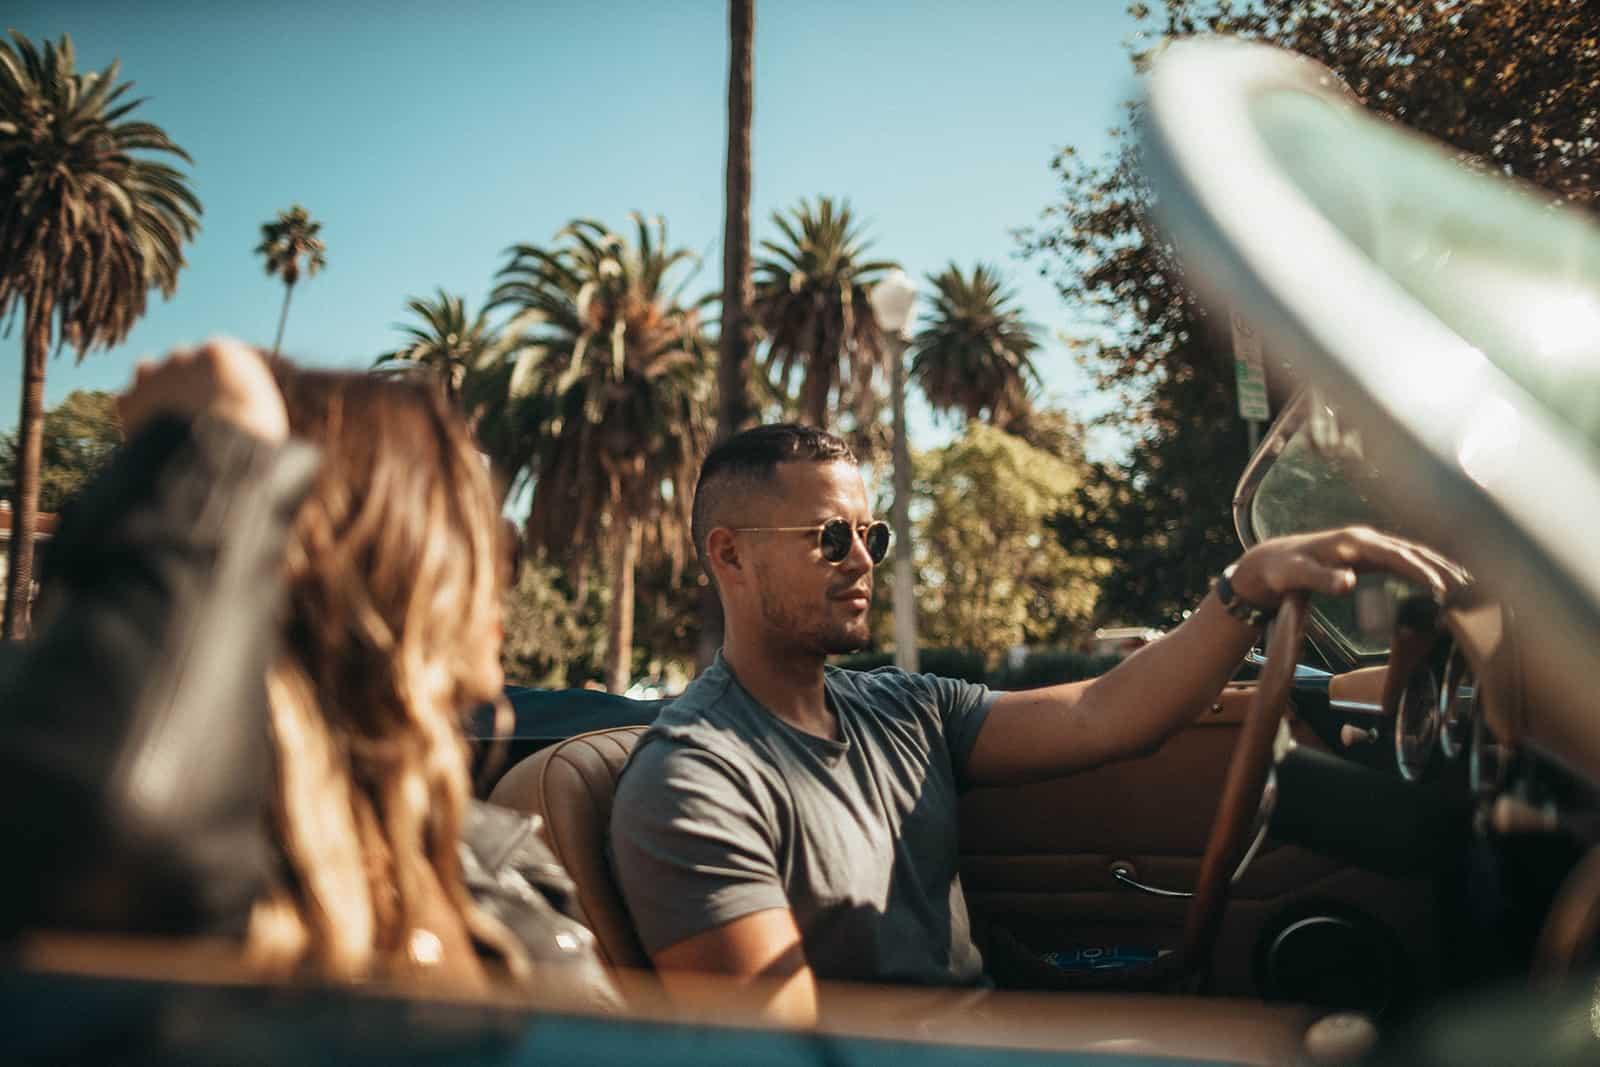 Ein Mann und eine Frau fahren an einem sonnigen Tag in einem Auto